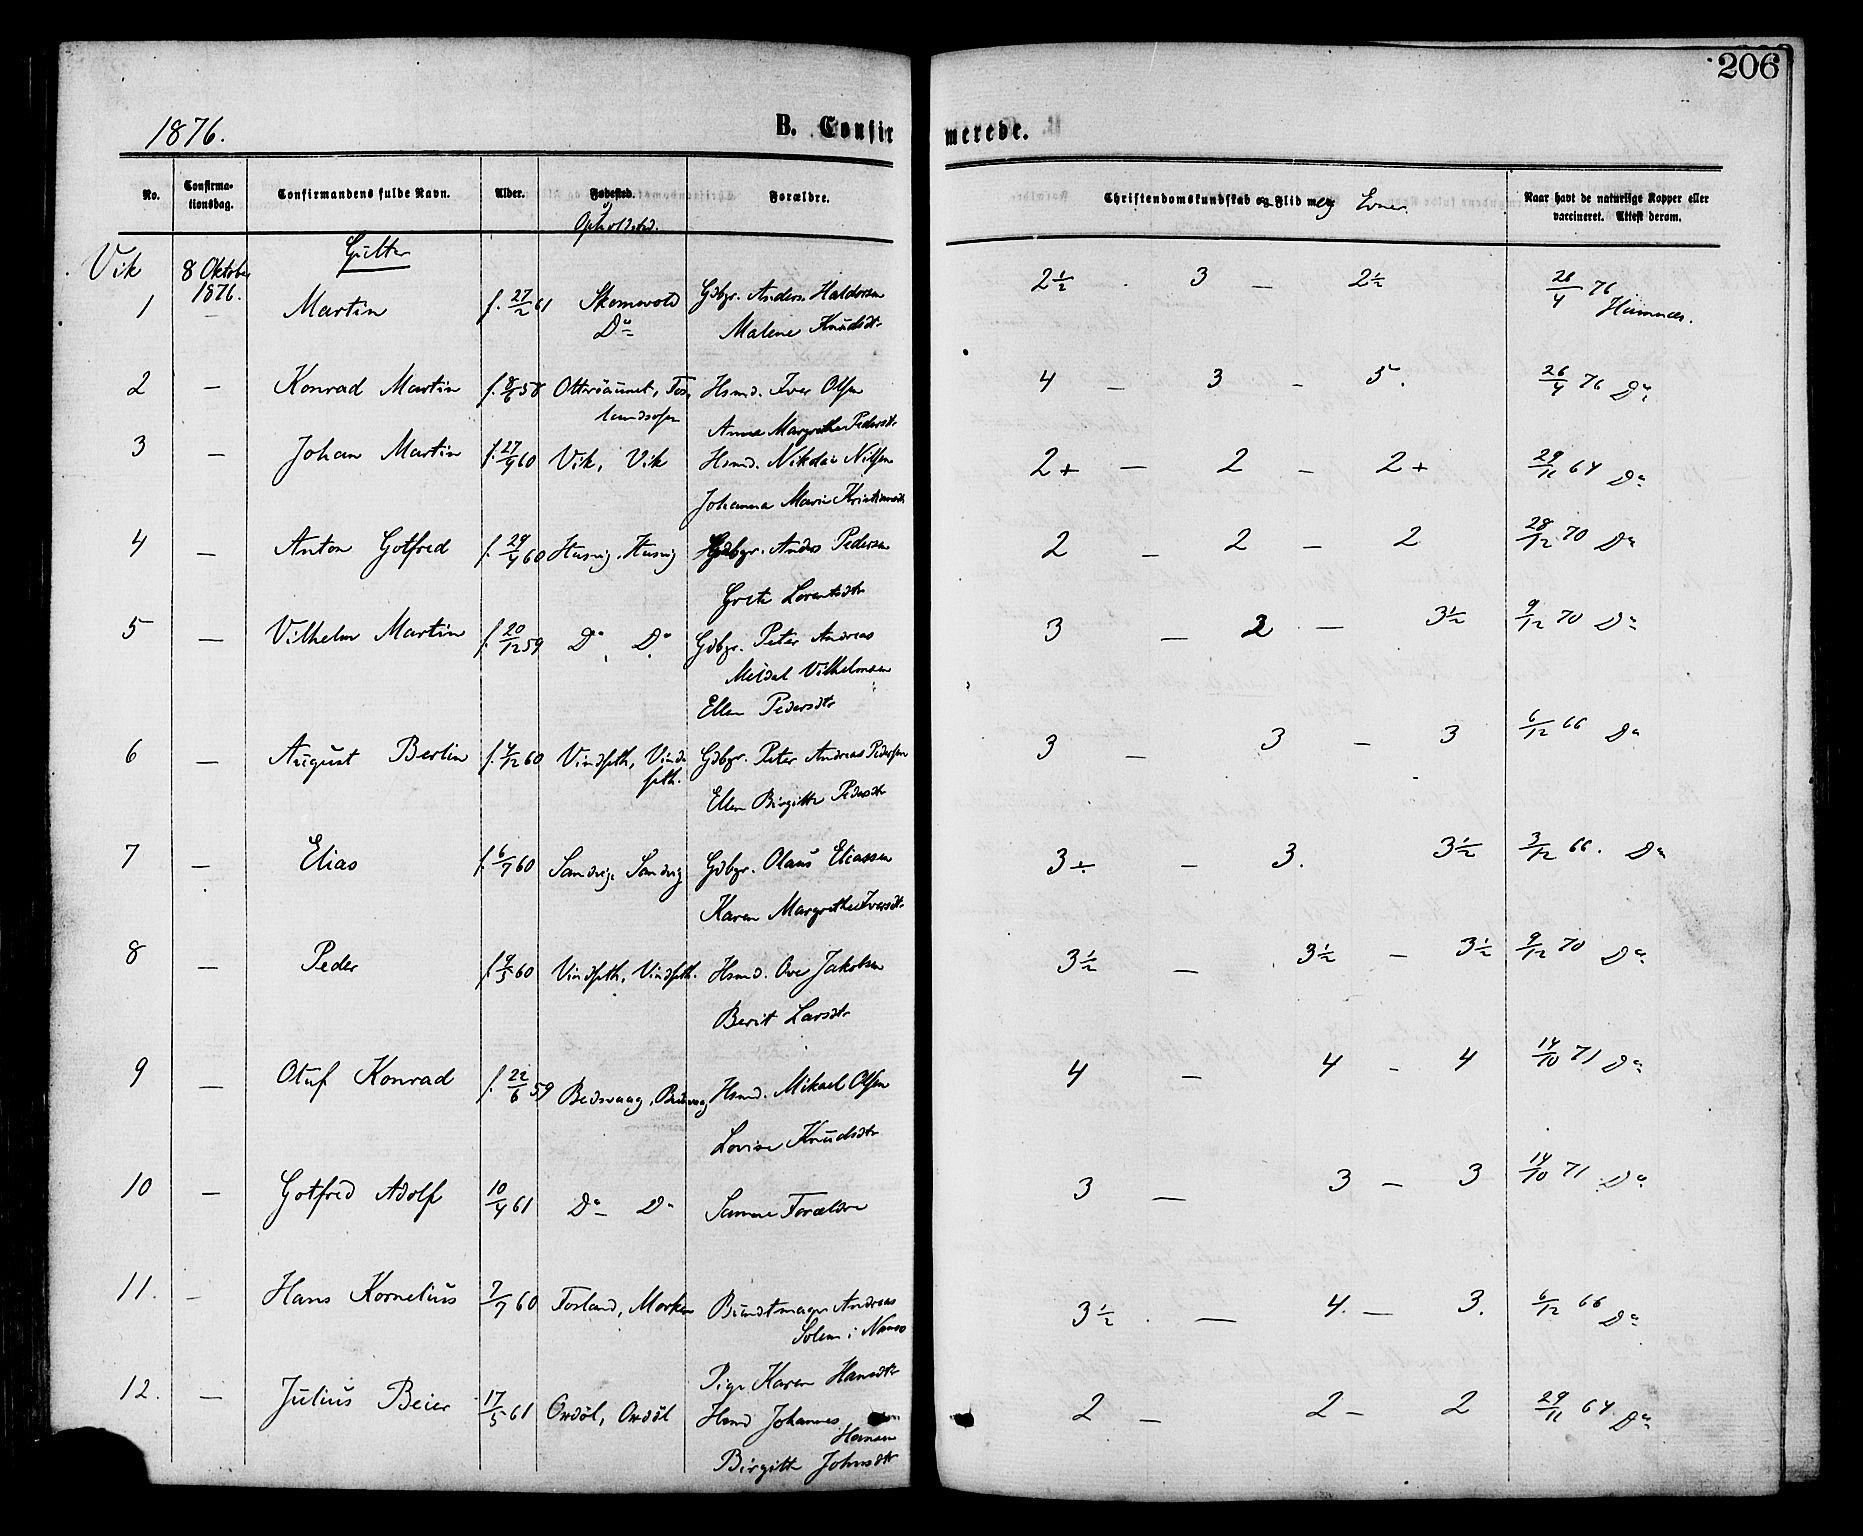 SAT, Ministerialprotokoller, klokkerbøker og fødselsregistre - Nord-Trøndelag, 773/L0616: Ministerialbok nr. 773A07, 1870-1887, s. 206